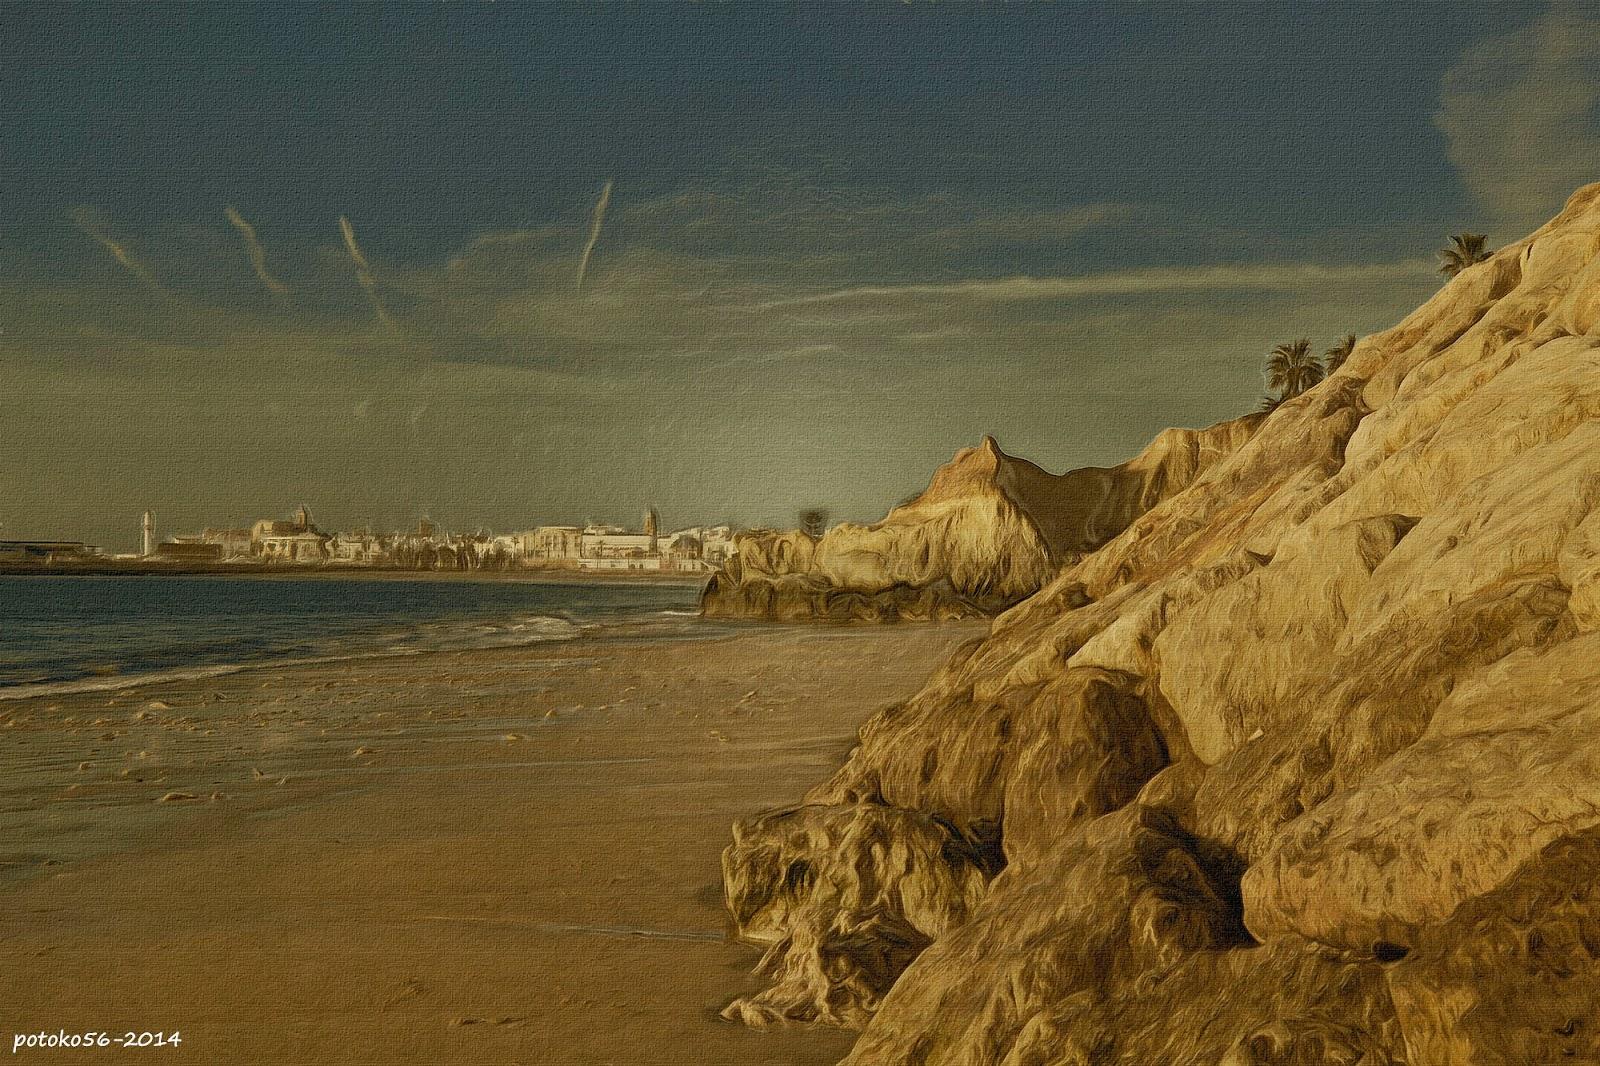 Rota vista desde la playa de los Galeones